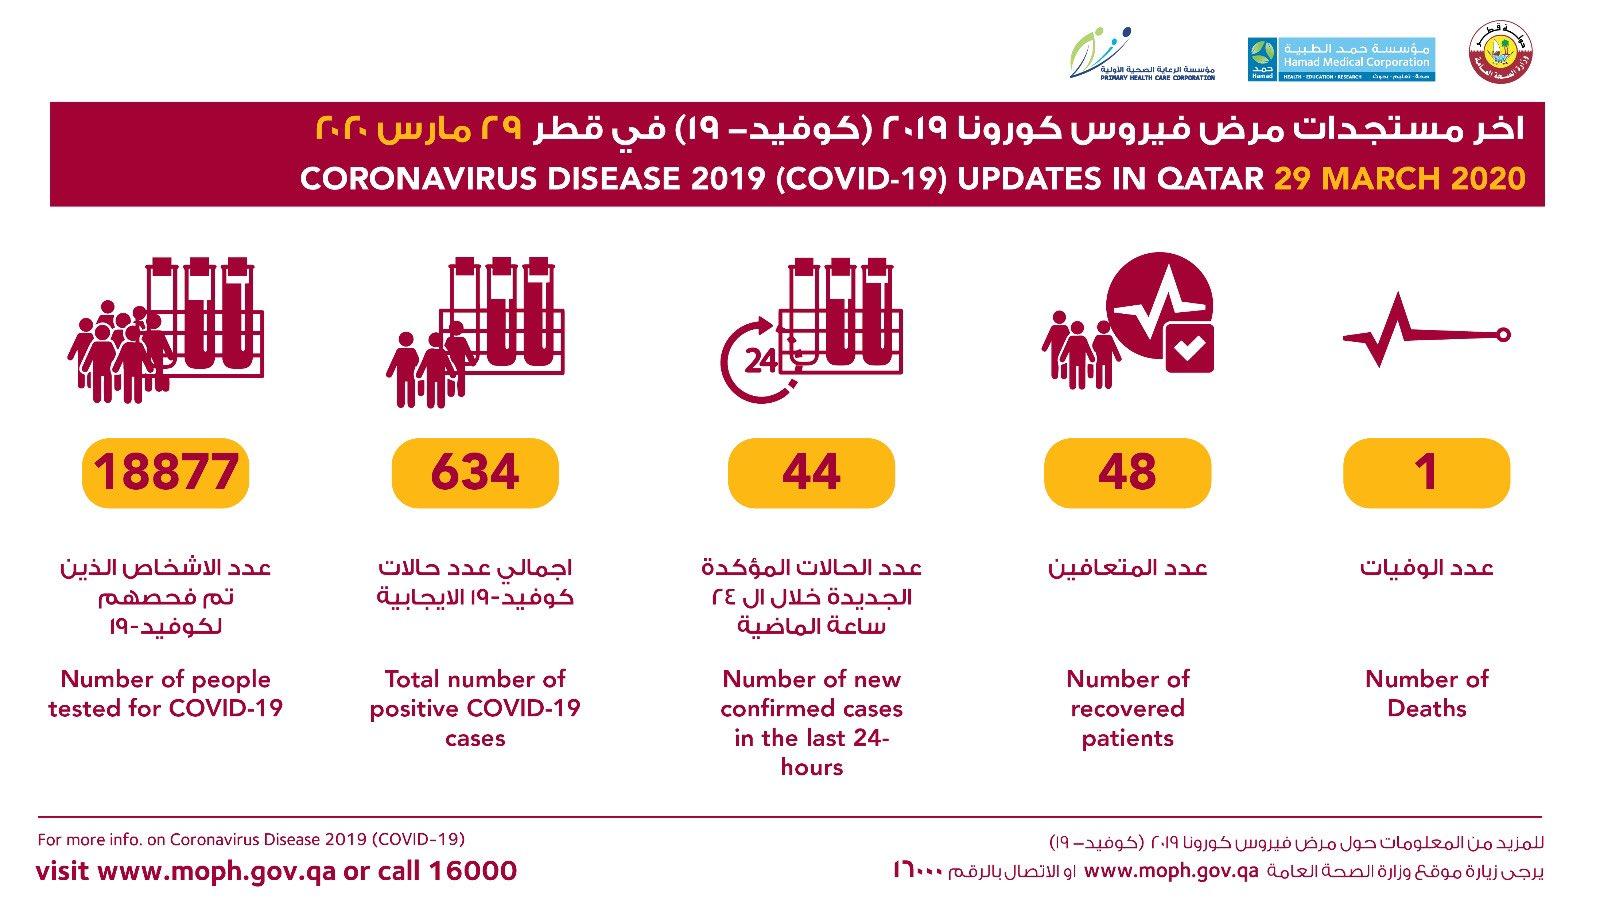 △图片来源于卡塔尔公共卫生部